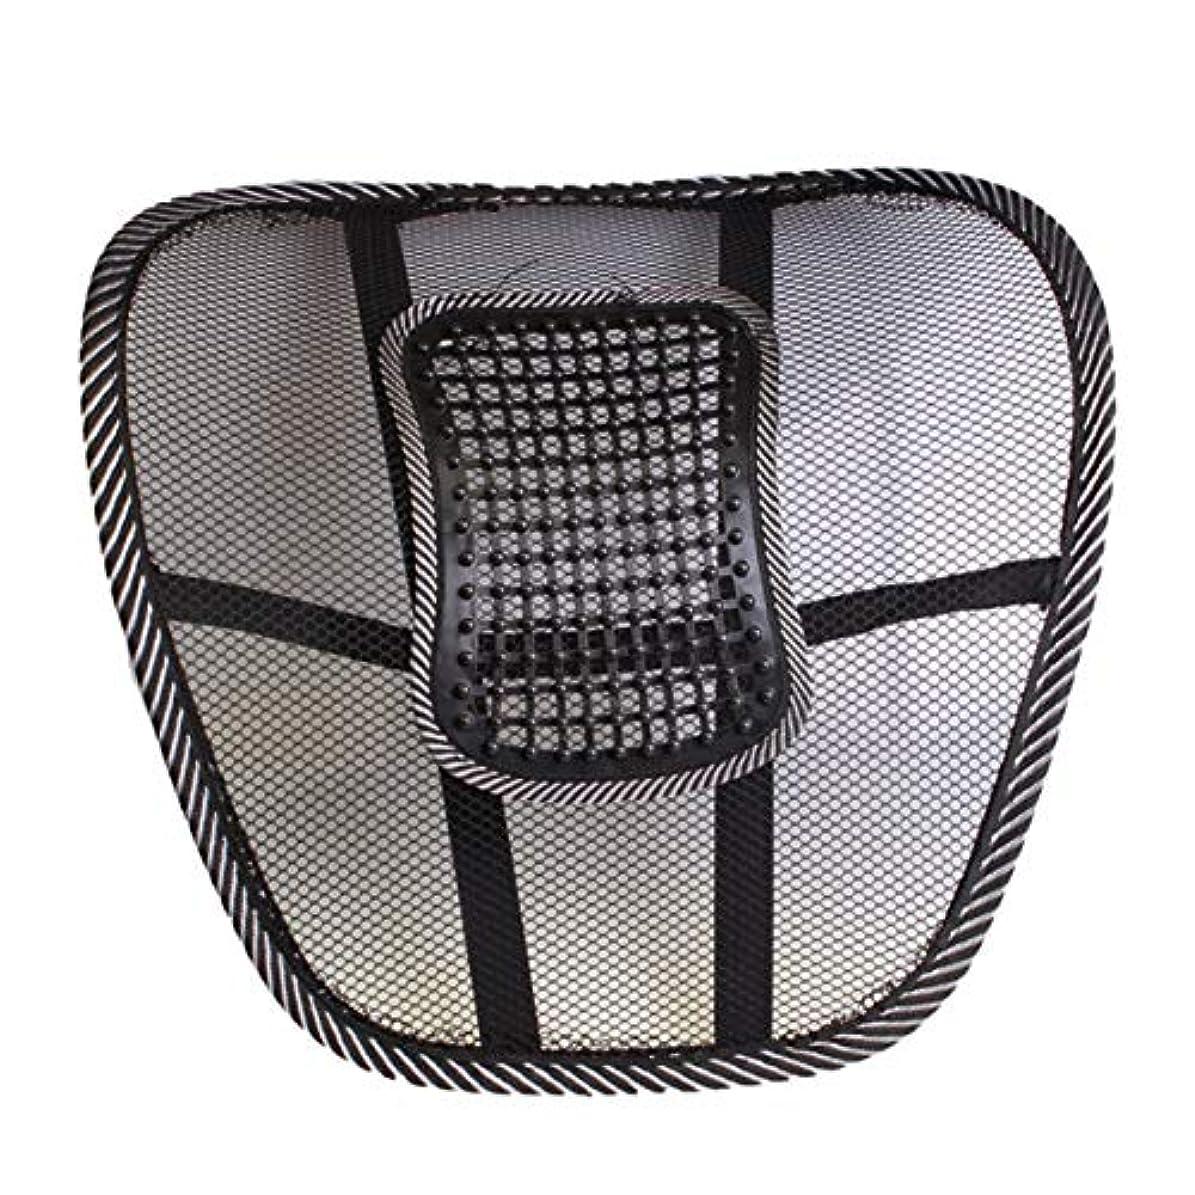 八百屋さんセブンなのでメッシュカバー付き腰椎サポートクッション腰痛緩和のためのバランスのとれた硬さ - 理想的なバックピロー